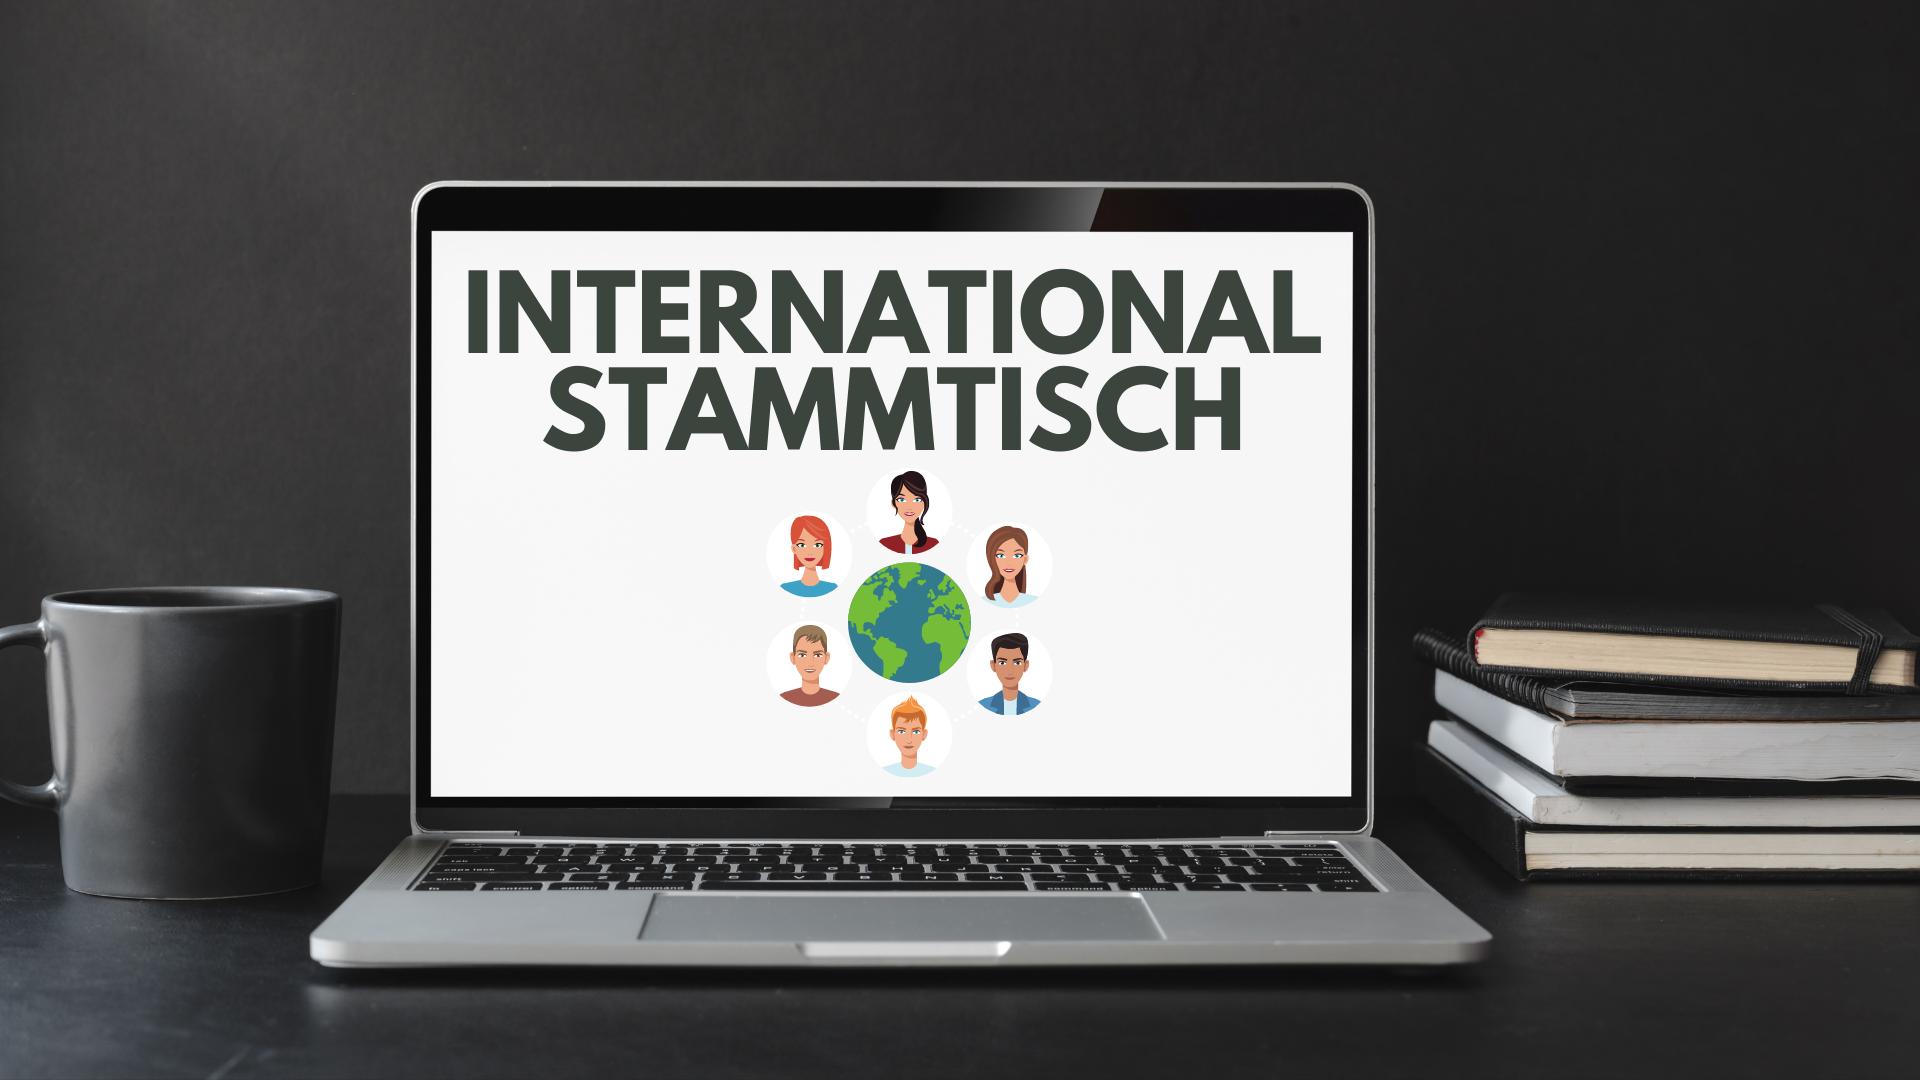 Der INTERNATIONAL STAMMTISCH findet 1x pro  Monat digital statt.